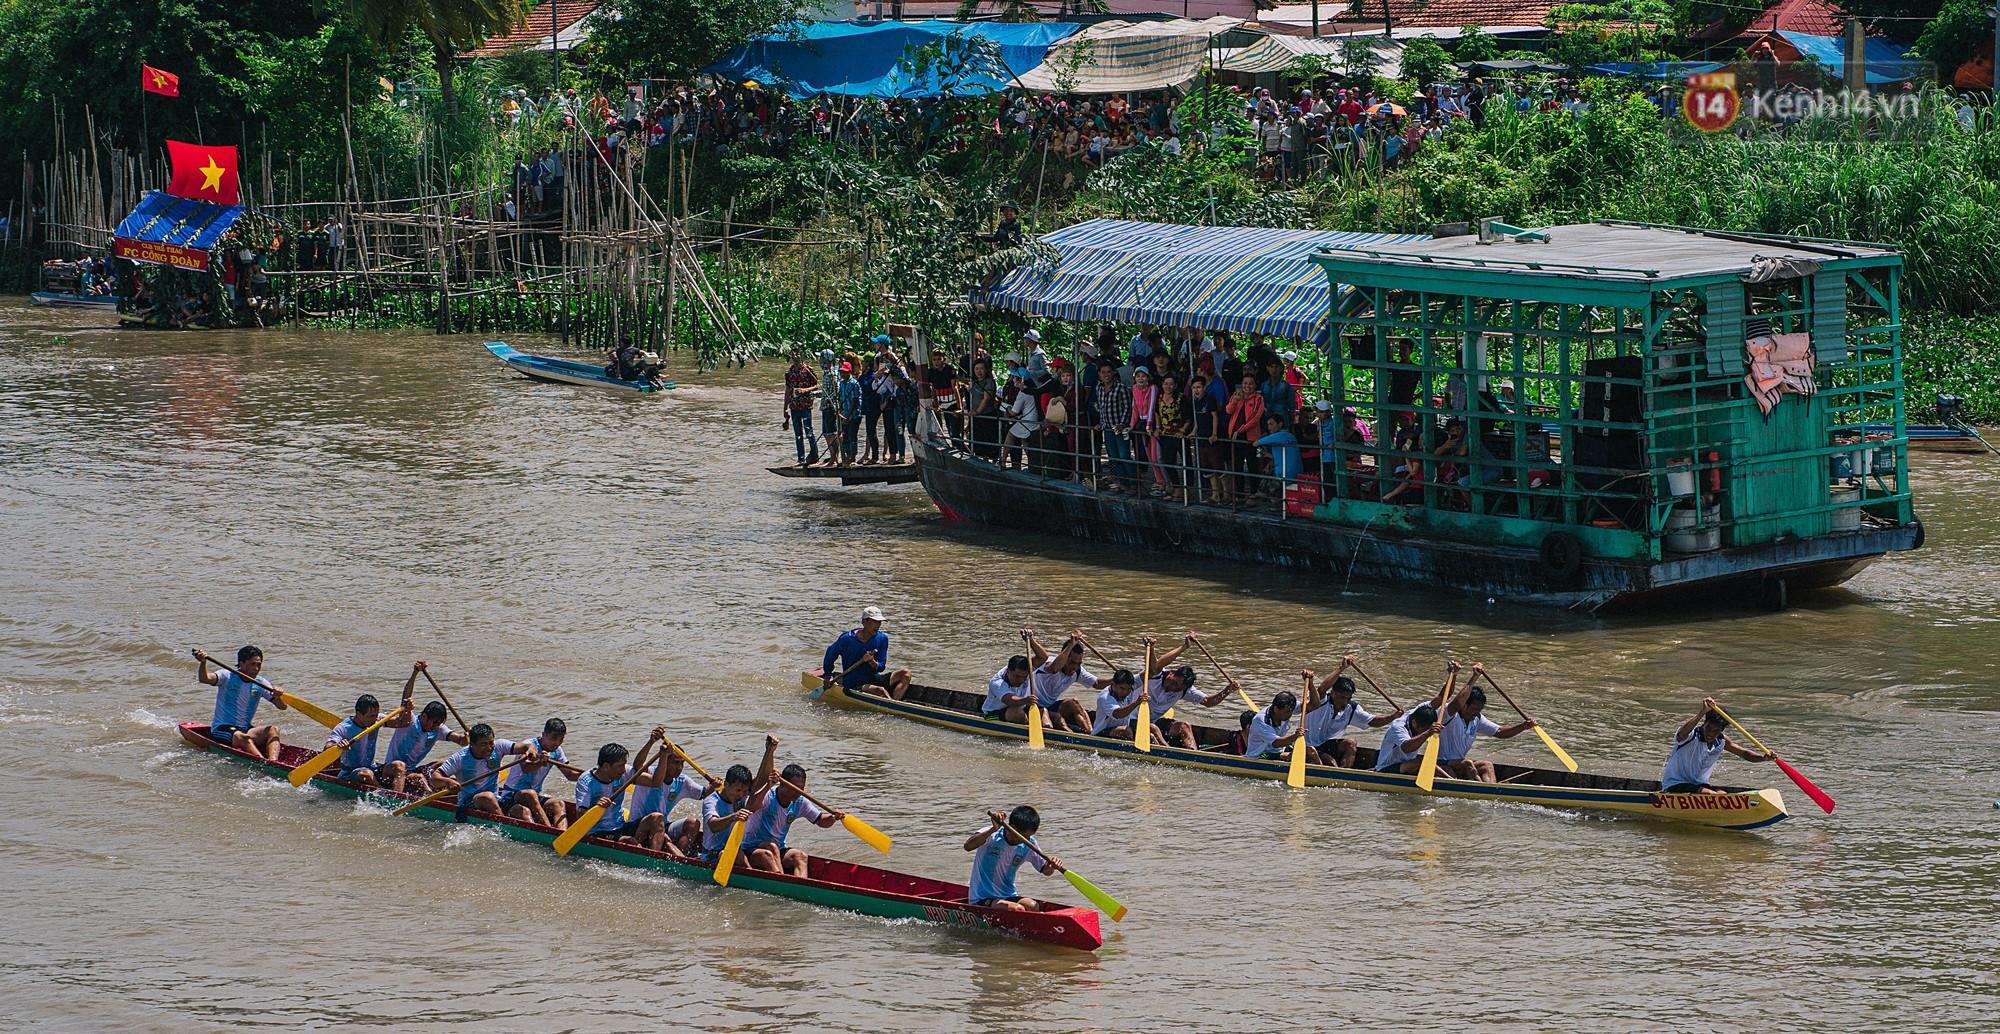 Vui hết nấc trong lễ hội Kỳ Yên ở An Giang: Người lớn trẻ nhỏ bôi lọ nghẹ khắp người, hóa thân thành... mọi - Ảnh 6.